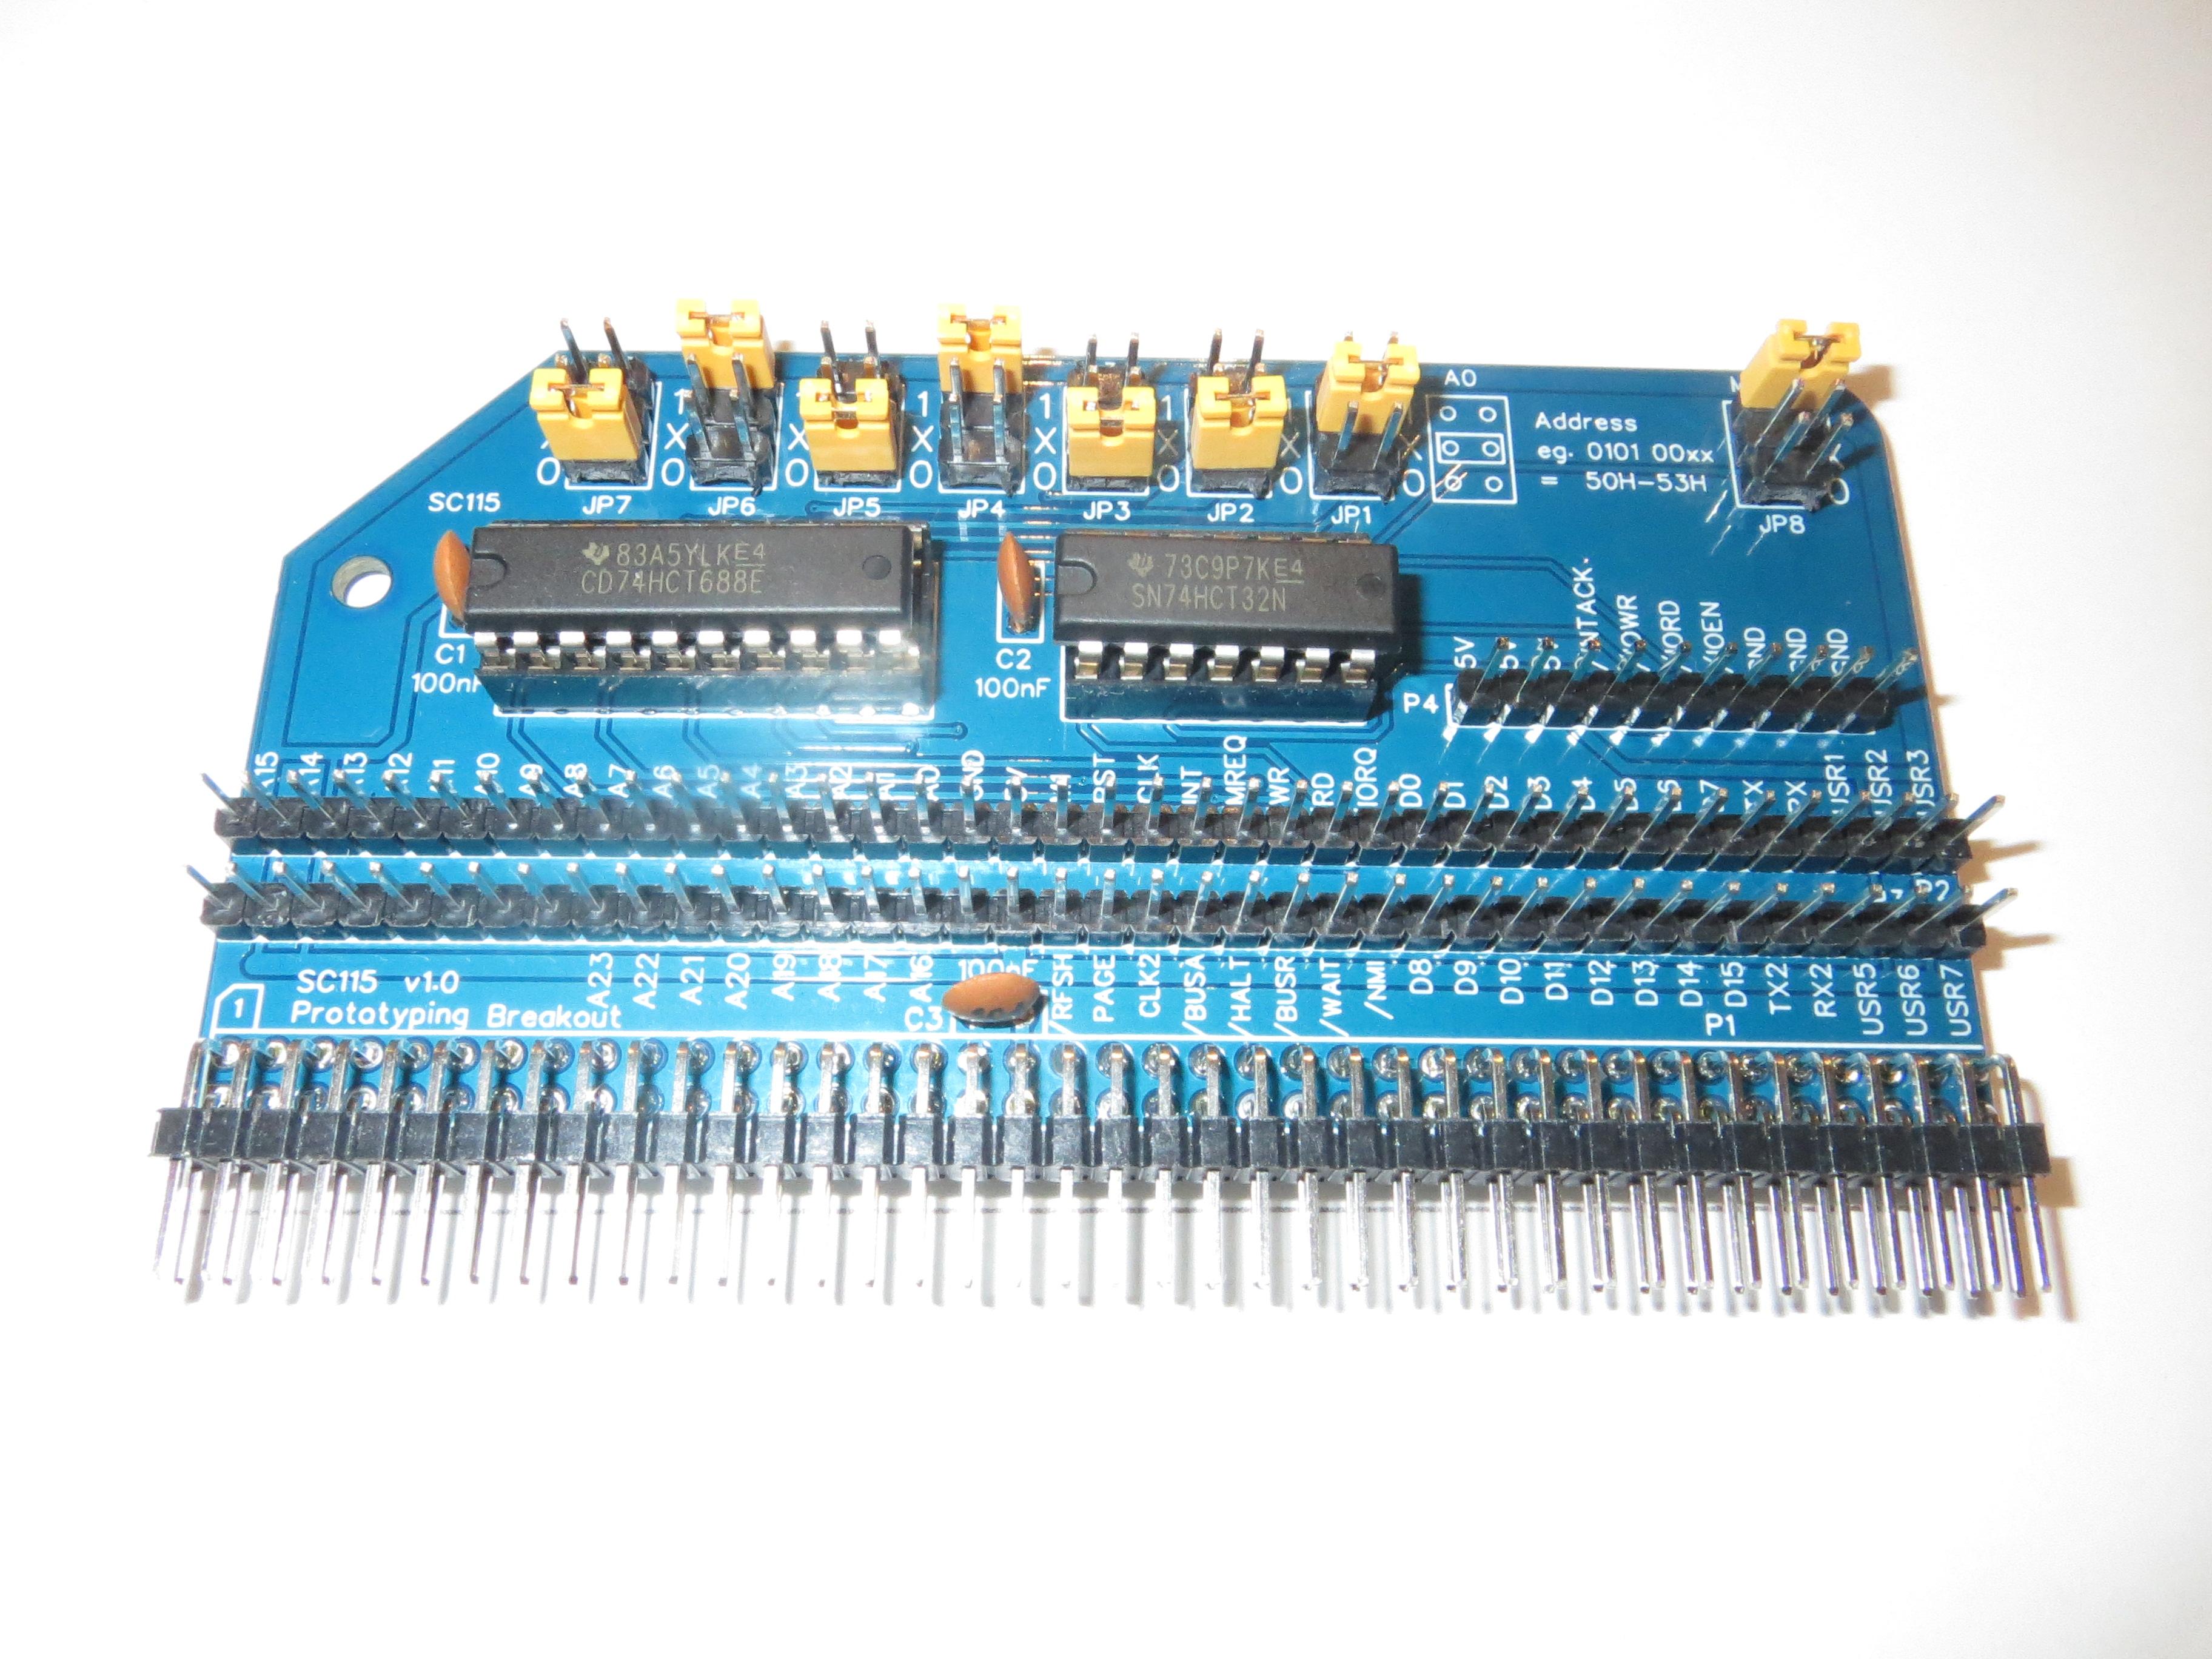 SC115 v1.0 Assembled